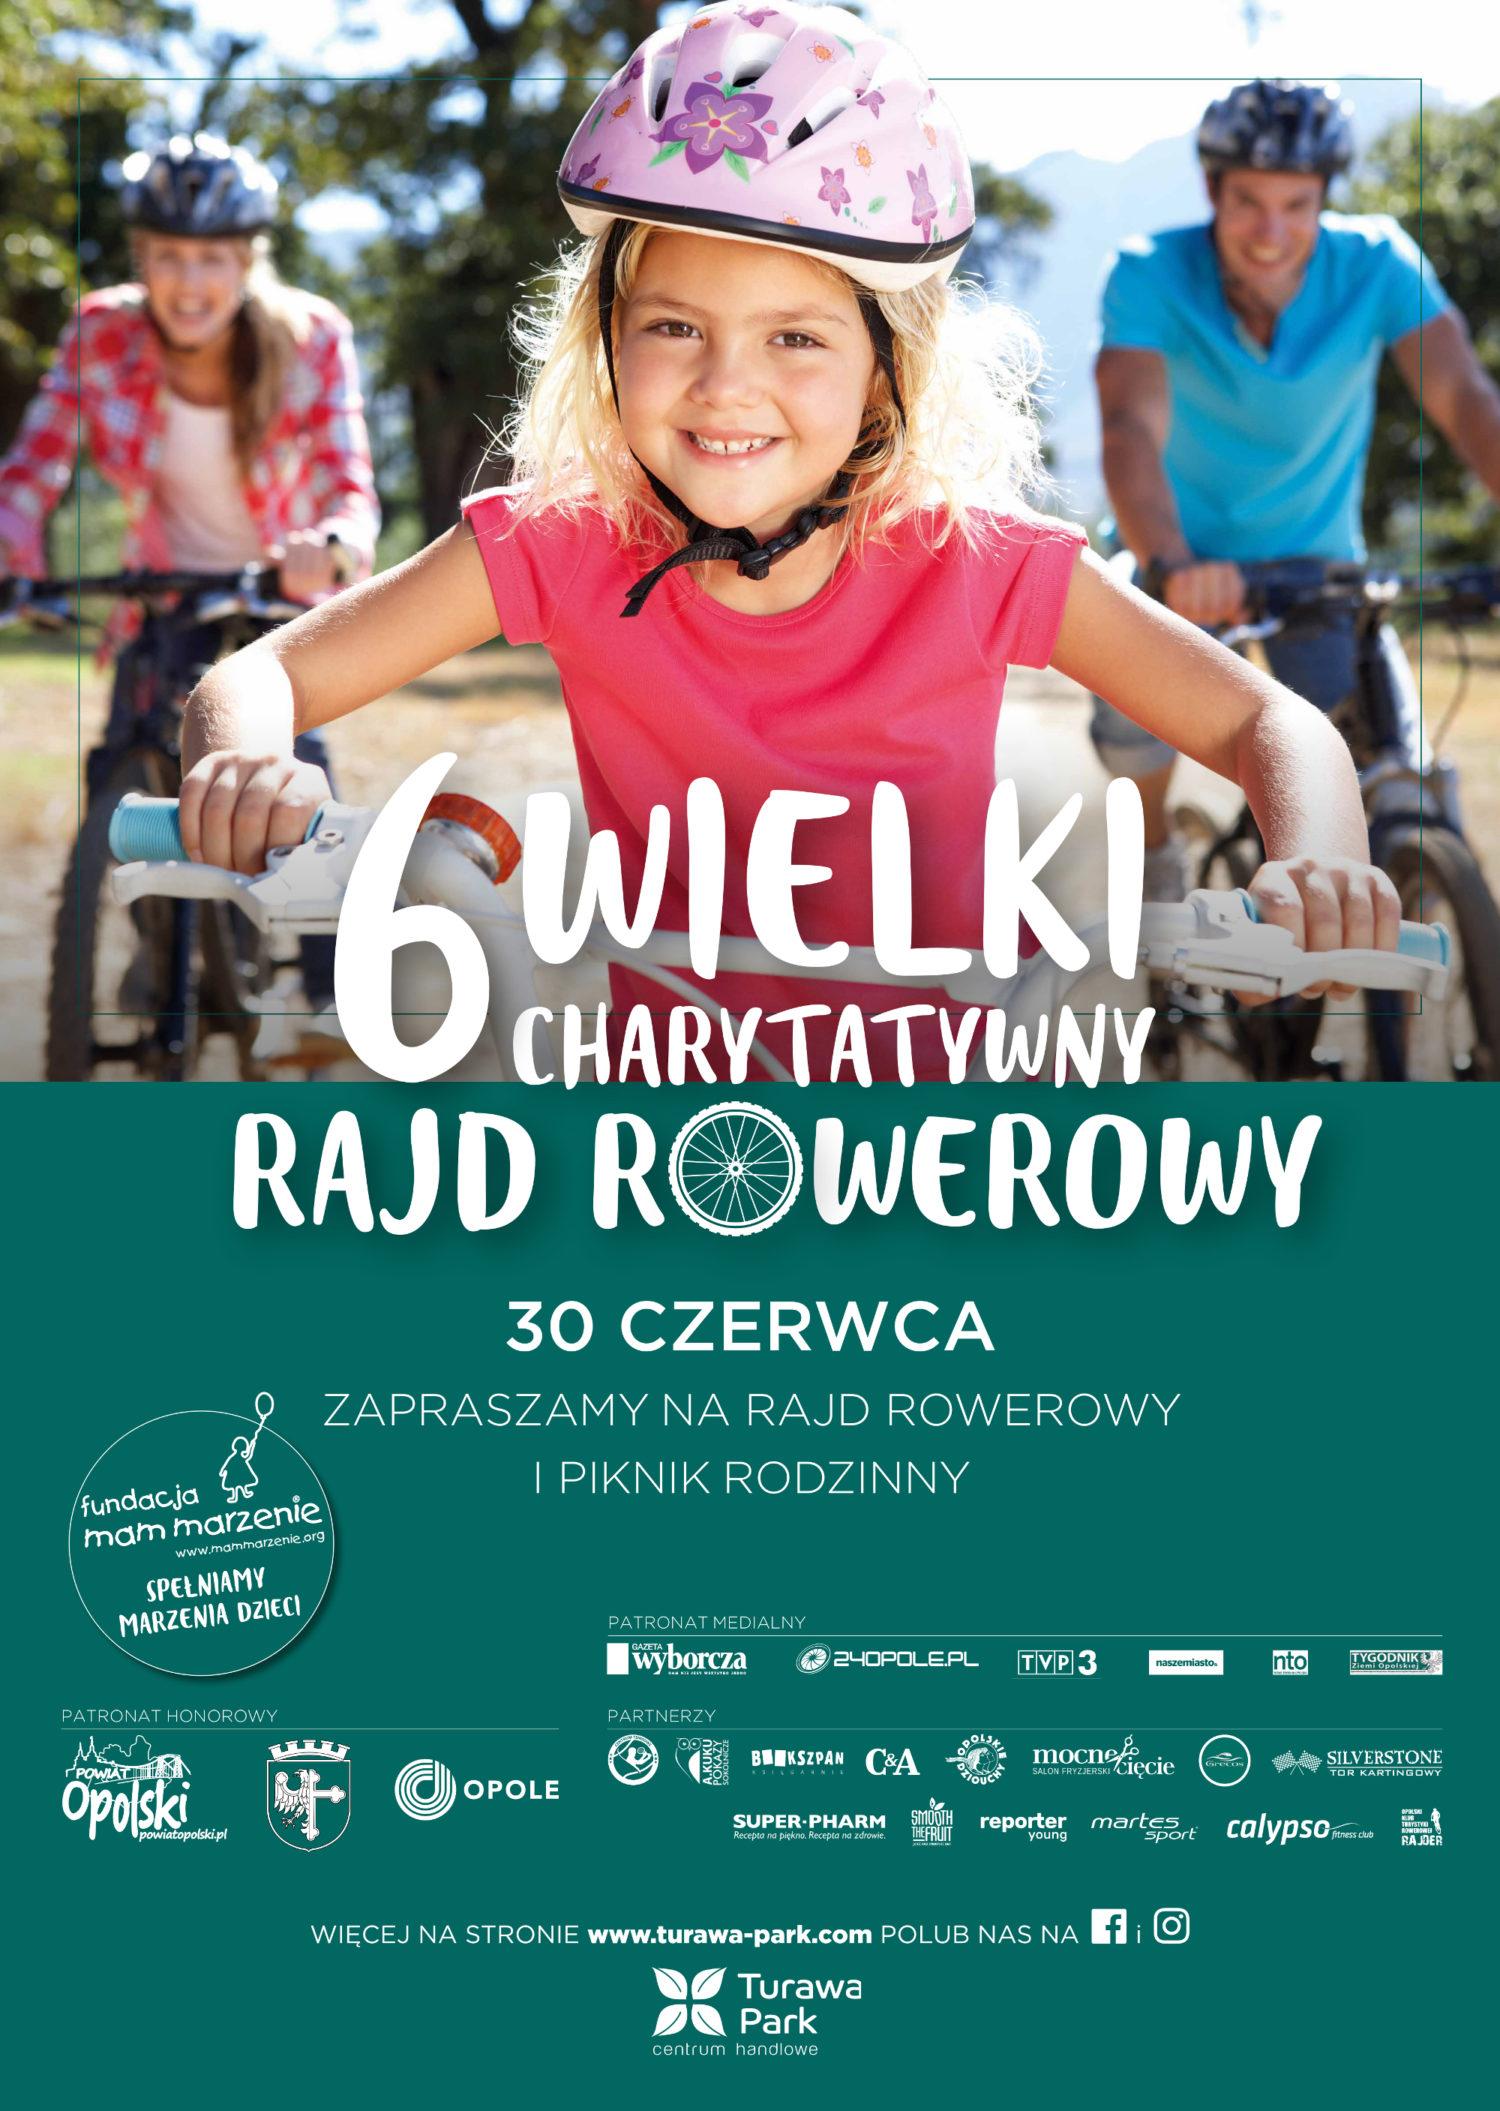 6 Wielki Charytatywny Rajd Rowerowy odbędzie się w sobotę (30.06) w Opolu